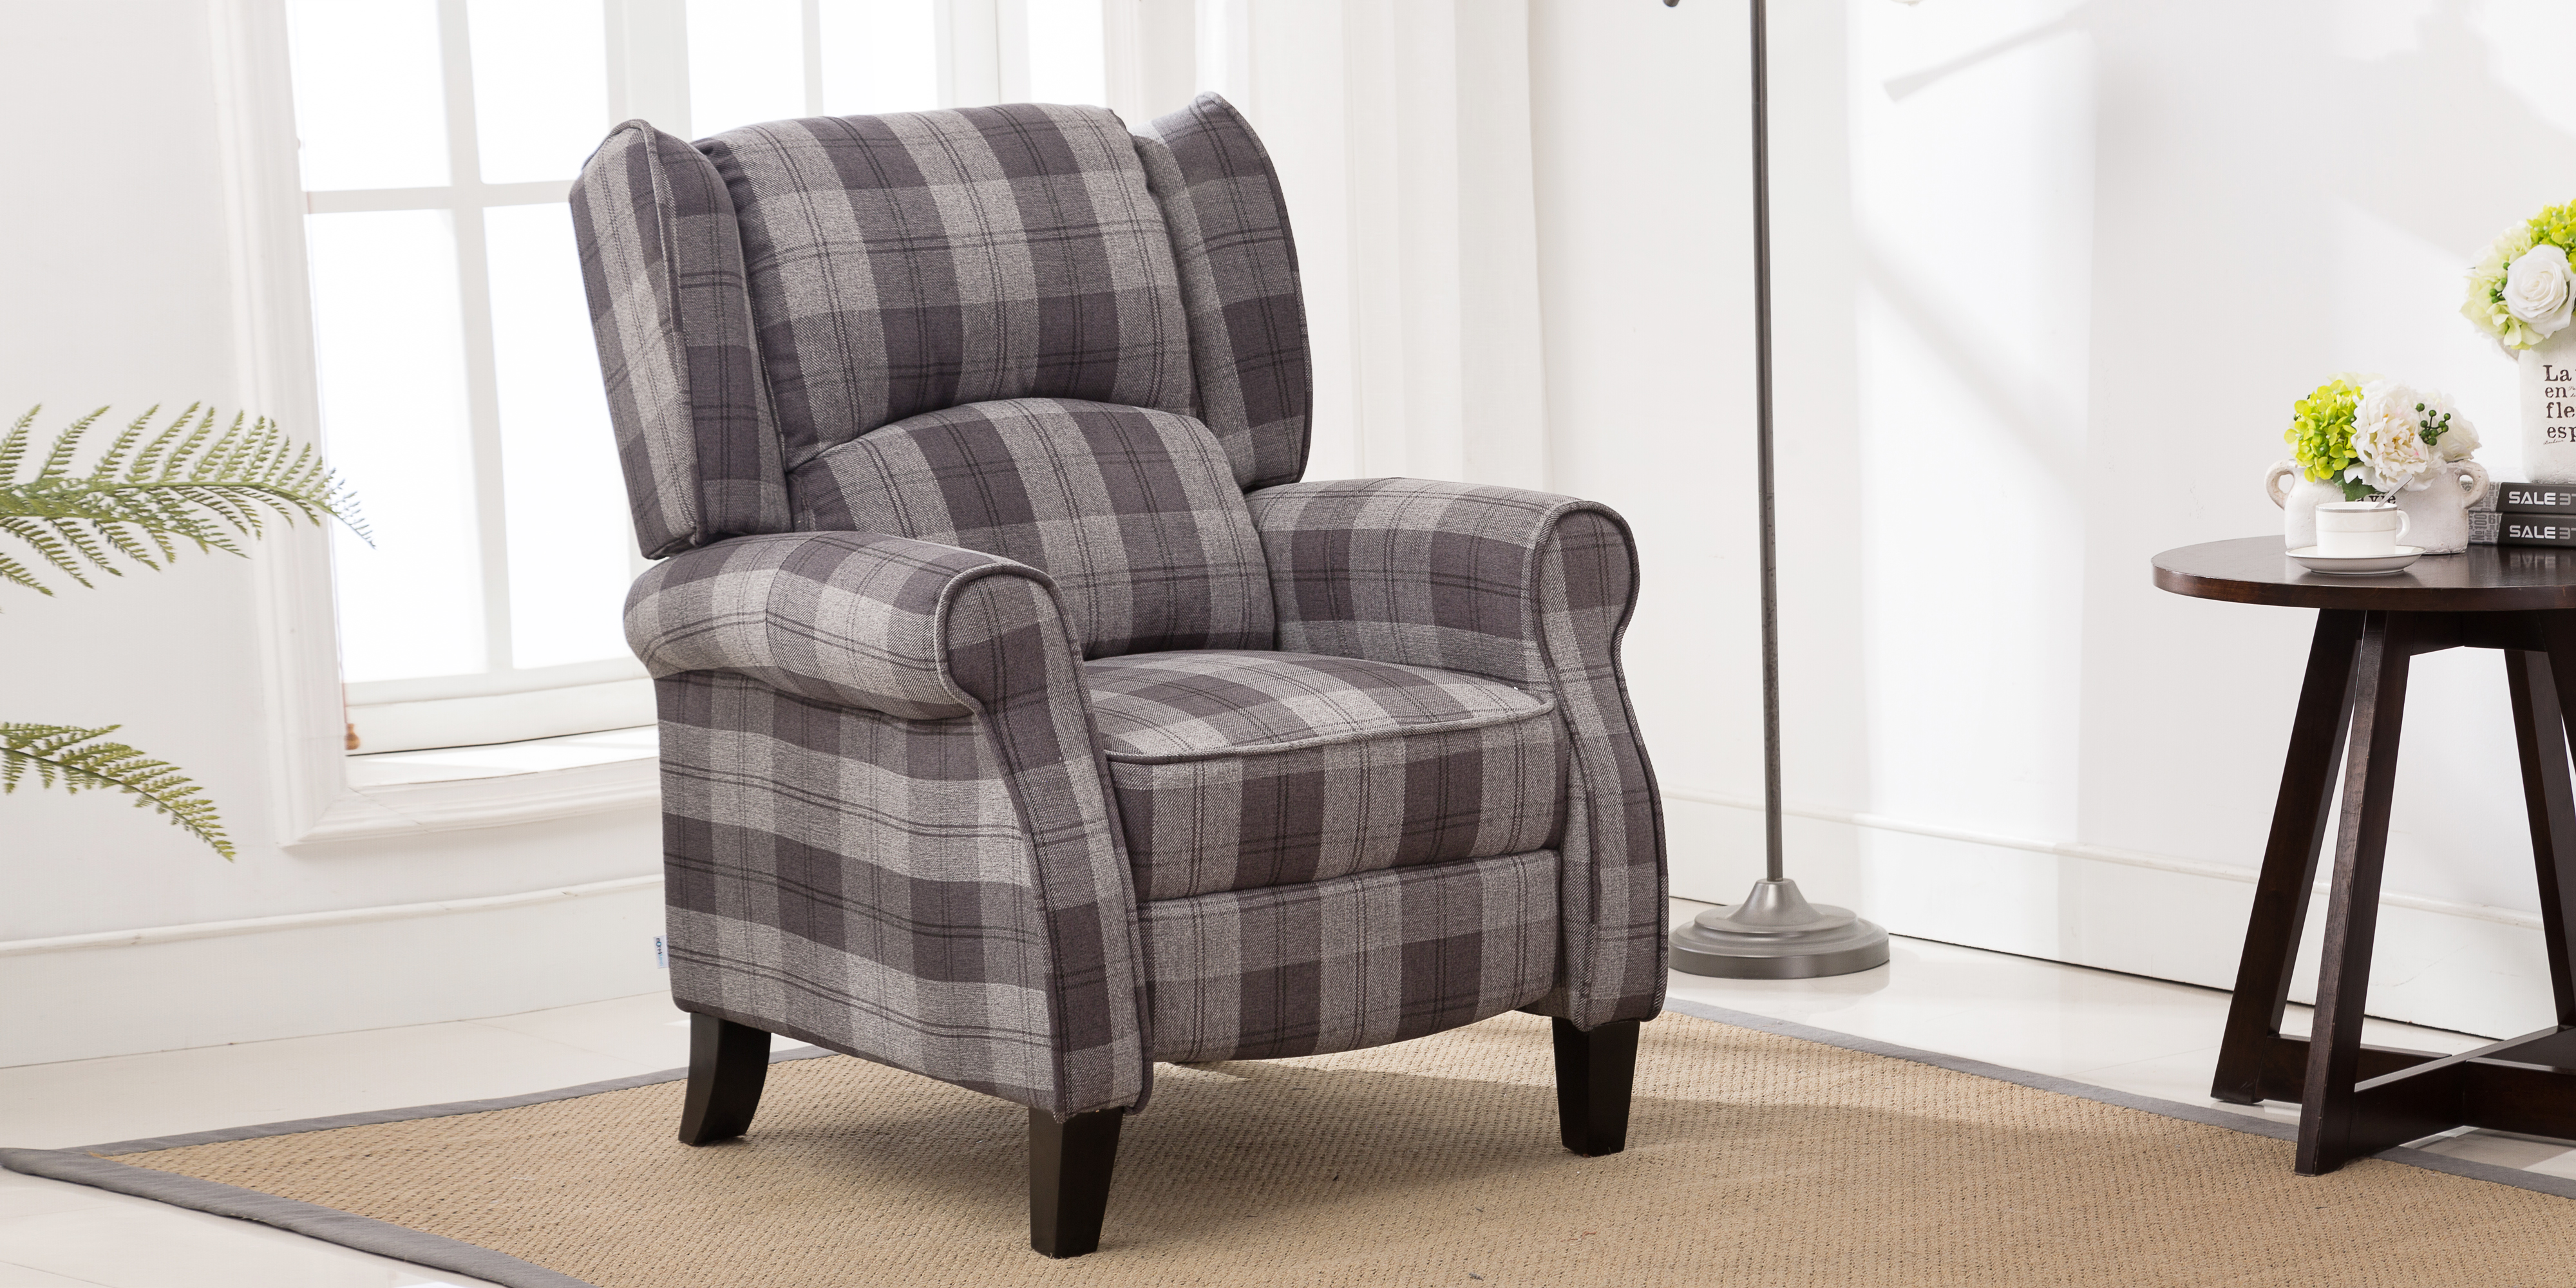 Eden Recliner Armchair in Tartan Grey